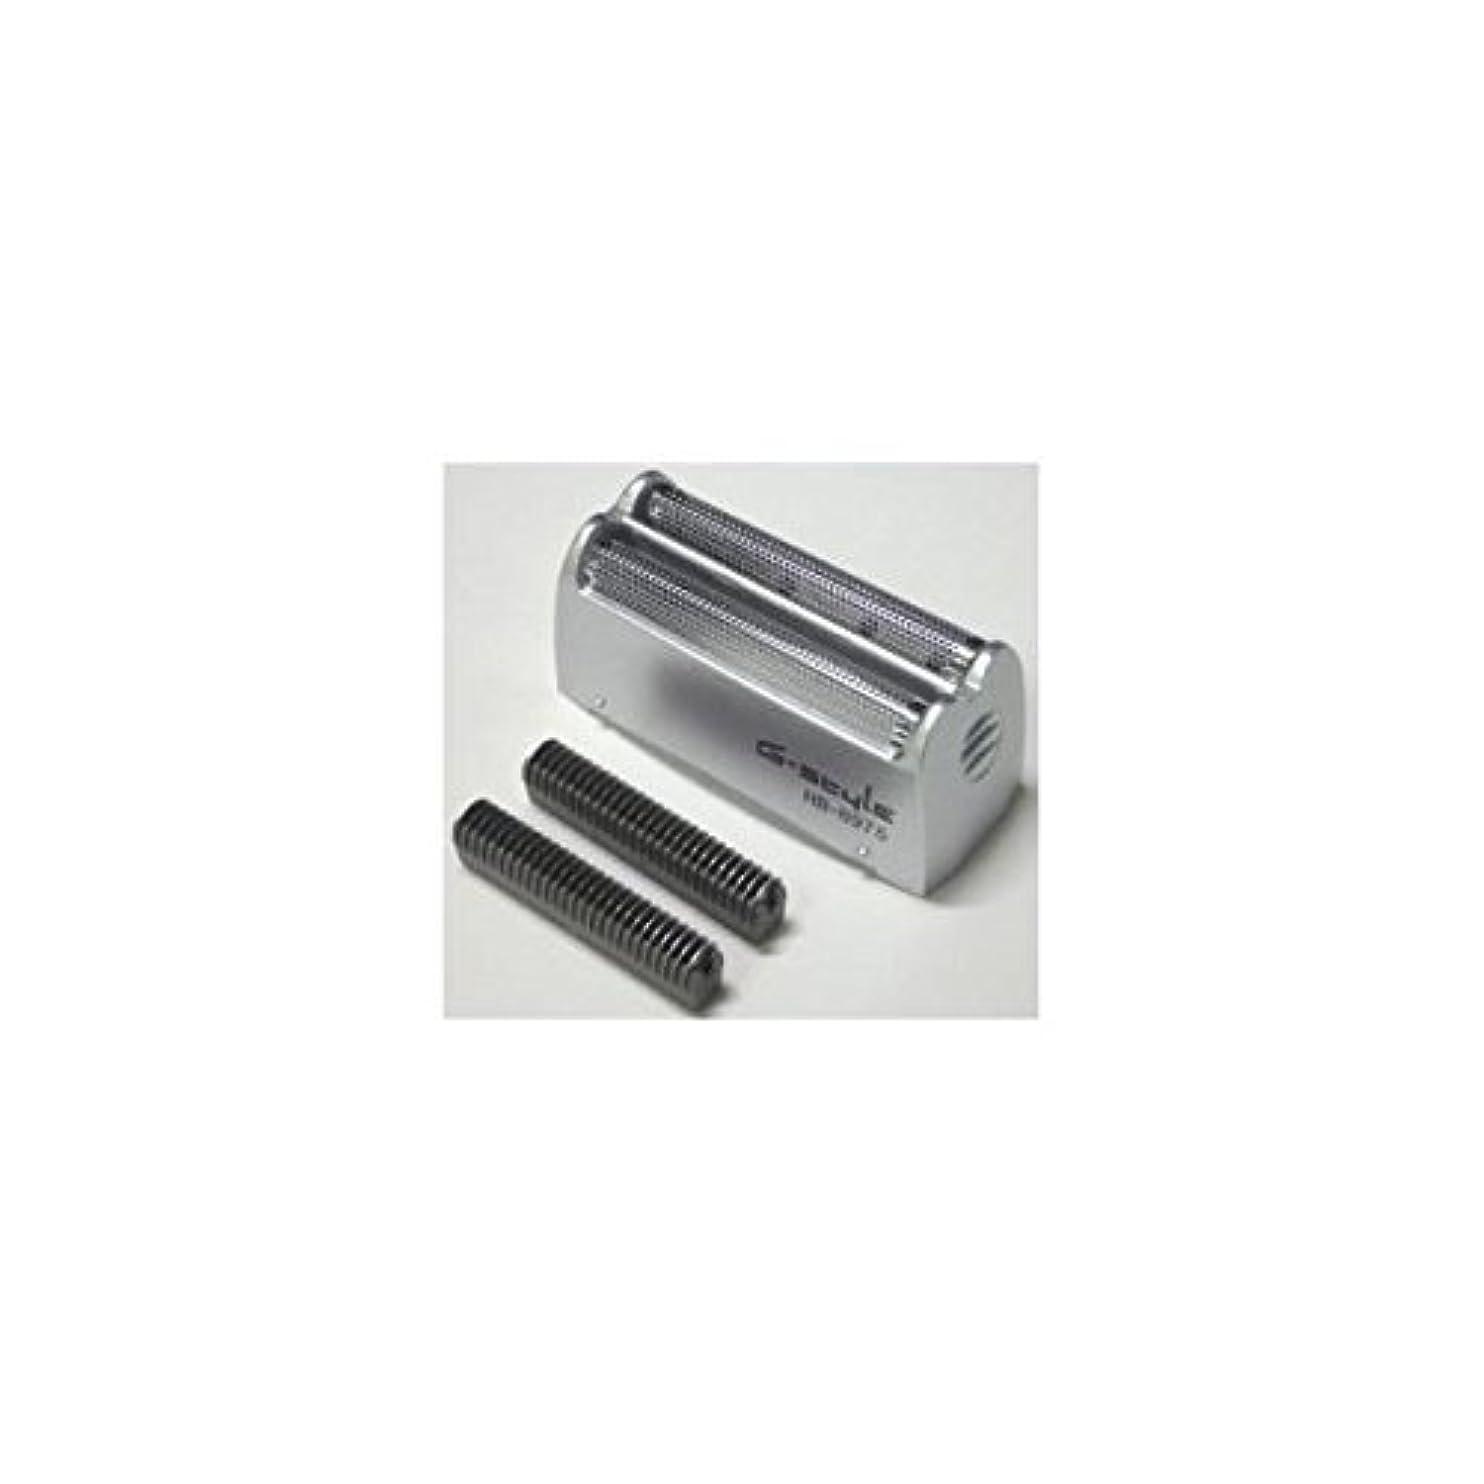 お酢クーポン利用可能オーム電機 シェーバー用替え刃セット HB8981